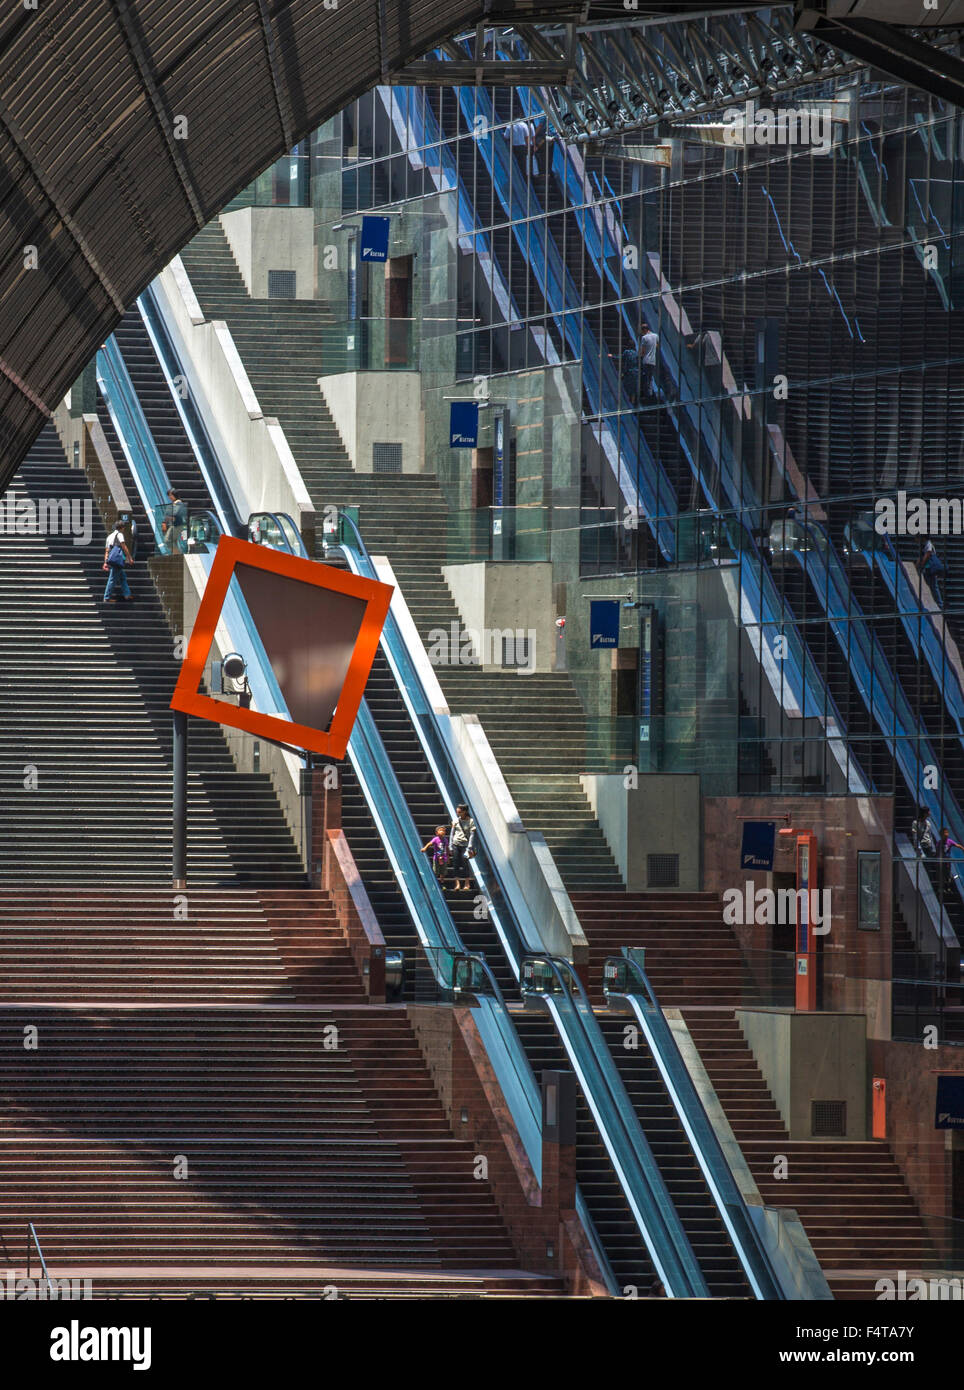 La ciudad de Kyoto, Japón, estación de tren de Kioto, interior Foto de stock